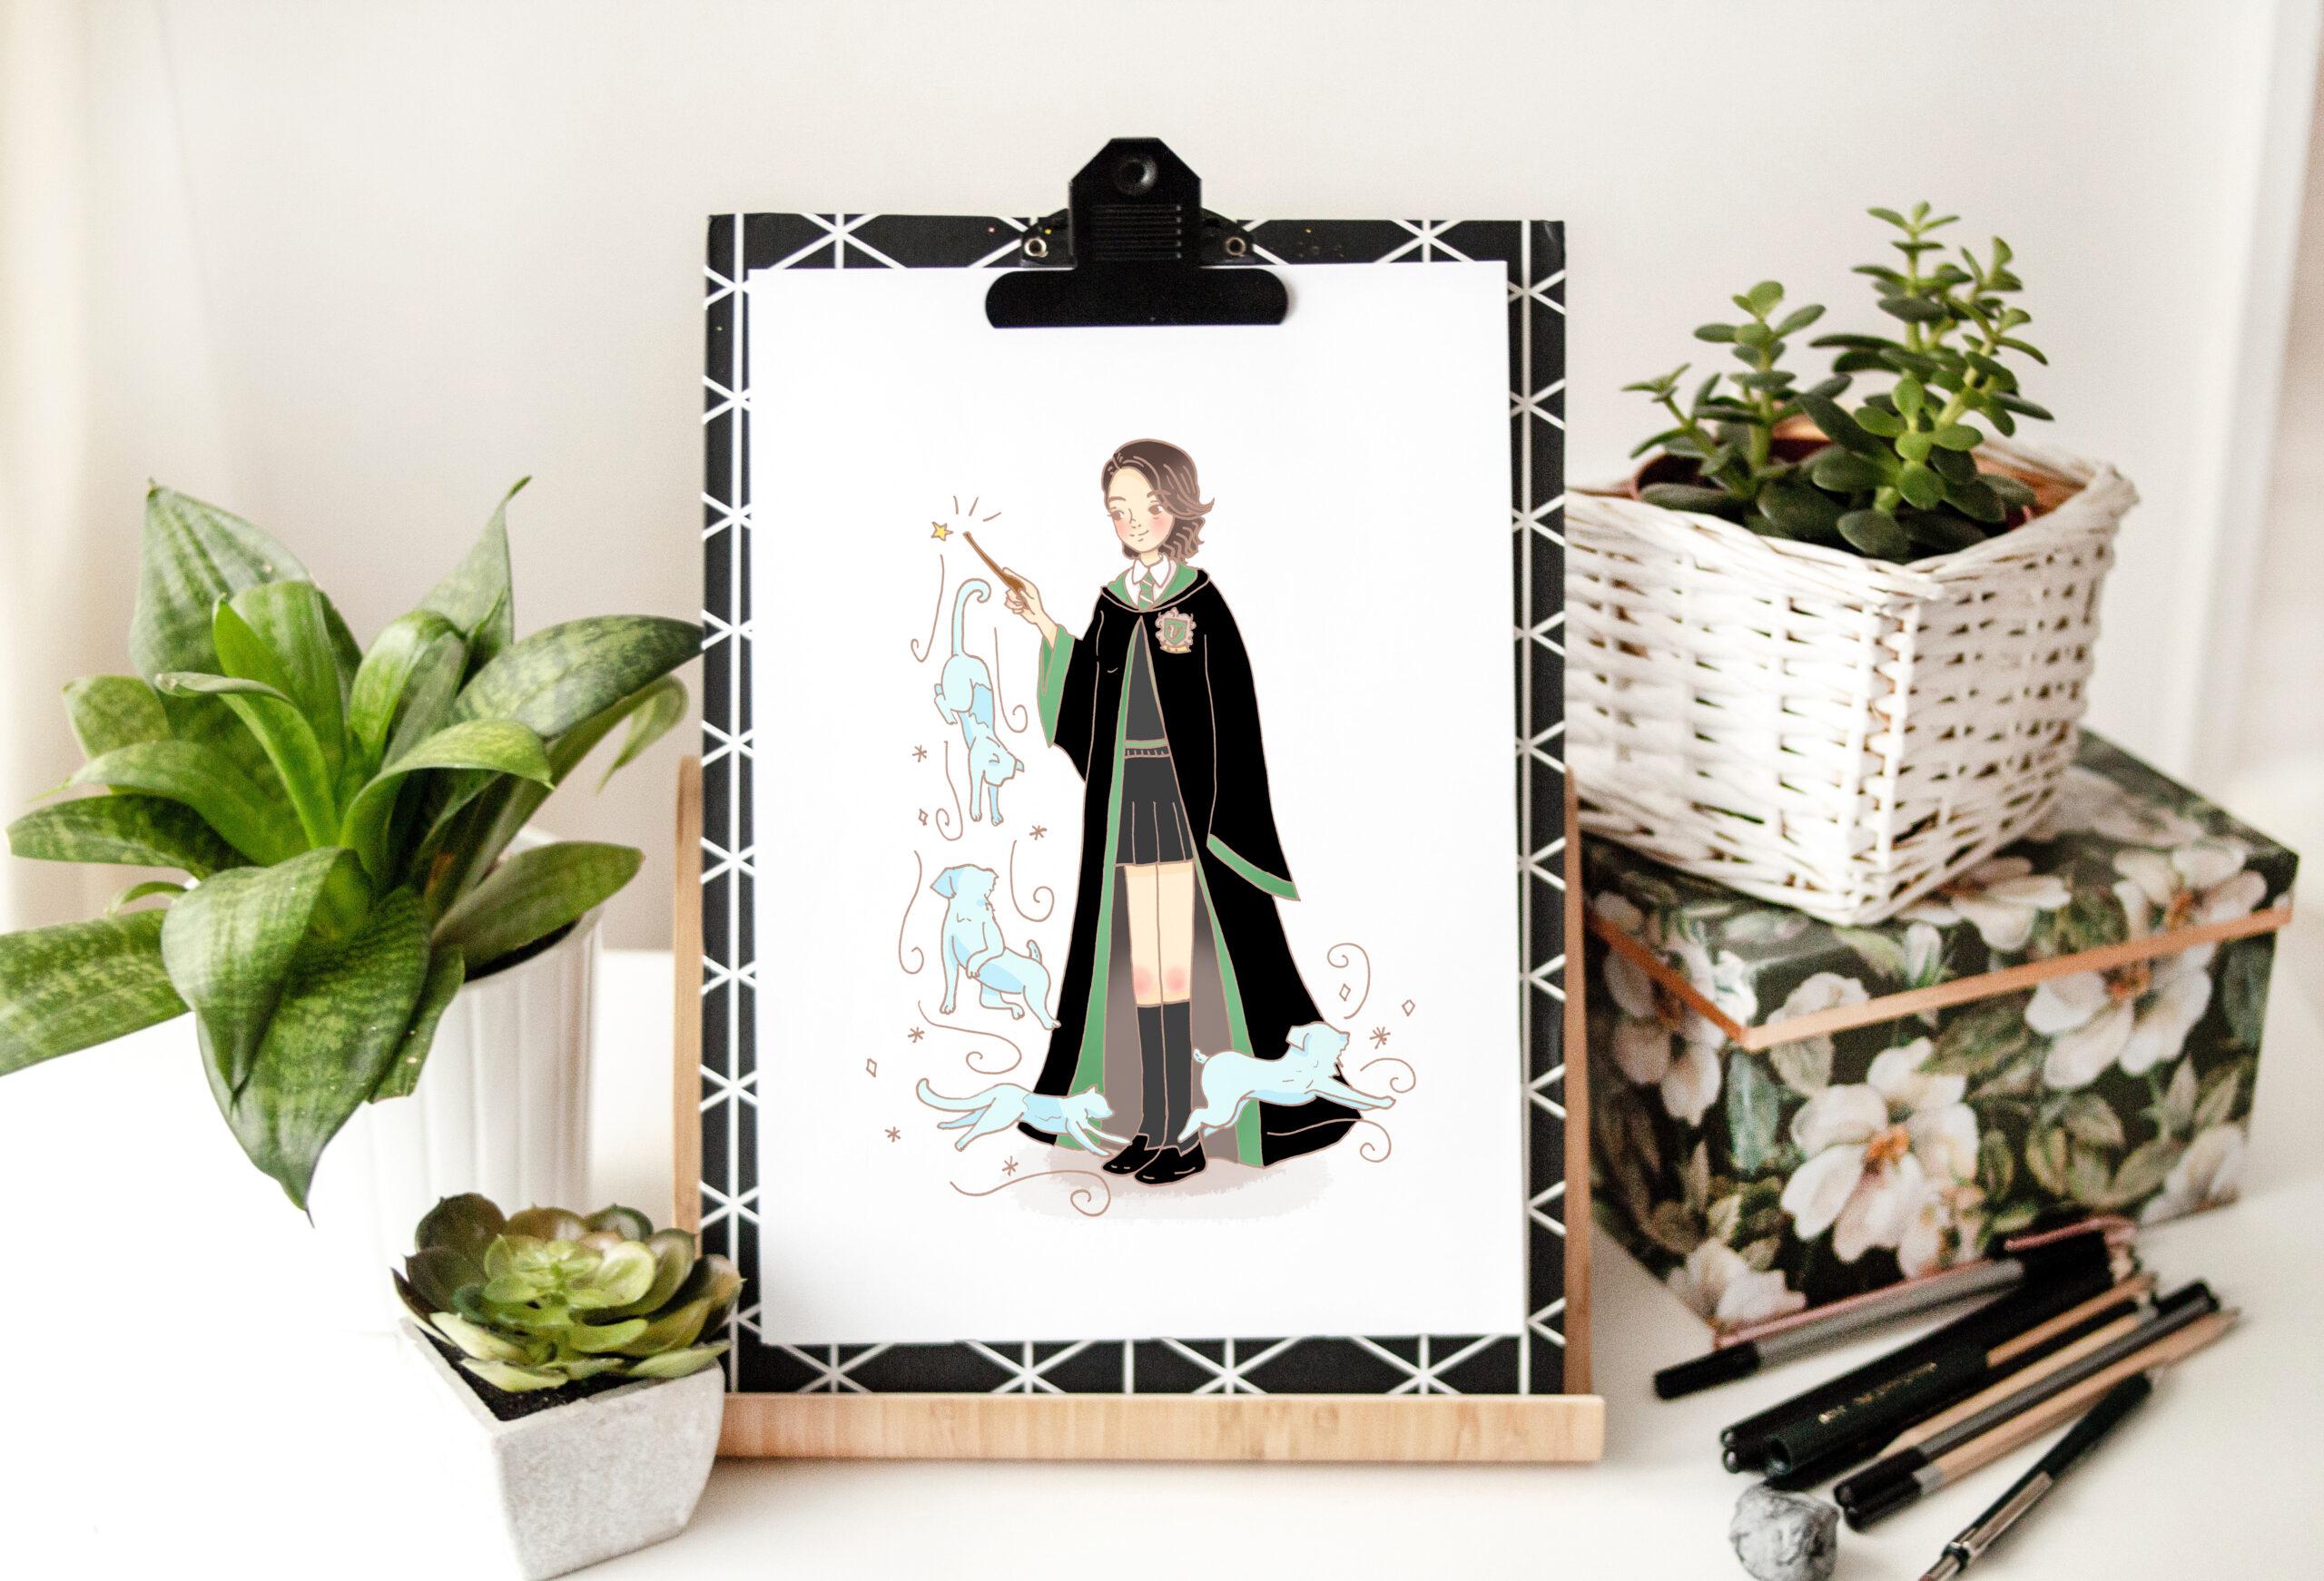 plantas y una hoja blanca con retrato de una chica con pelo corto vestida de la casa de slytherin de hp